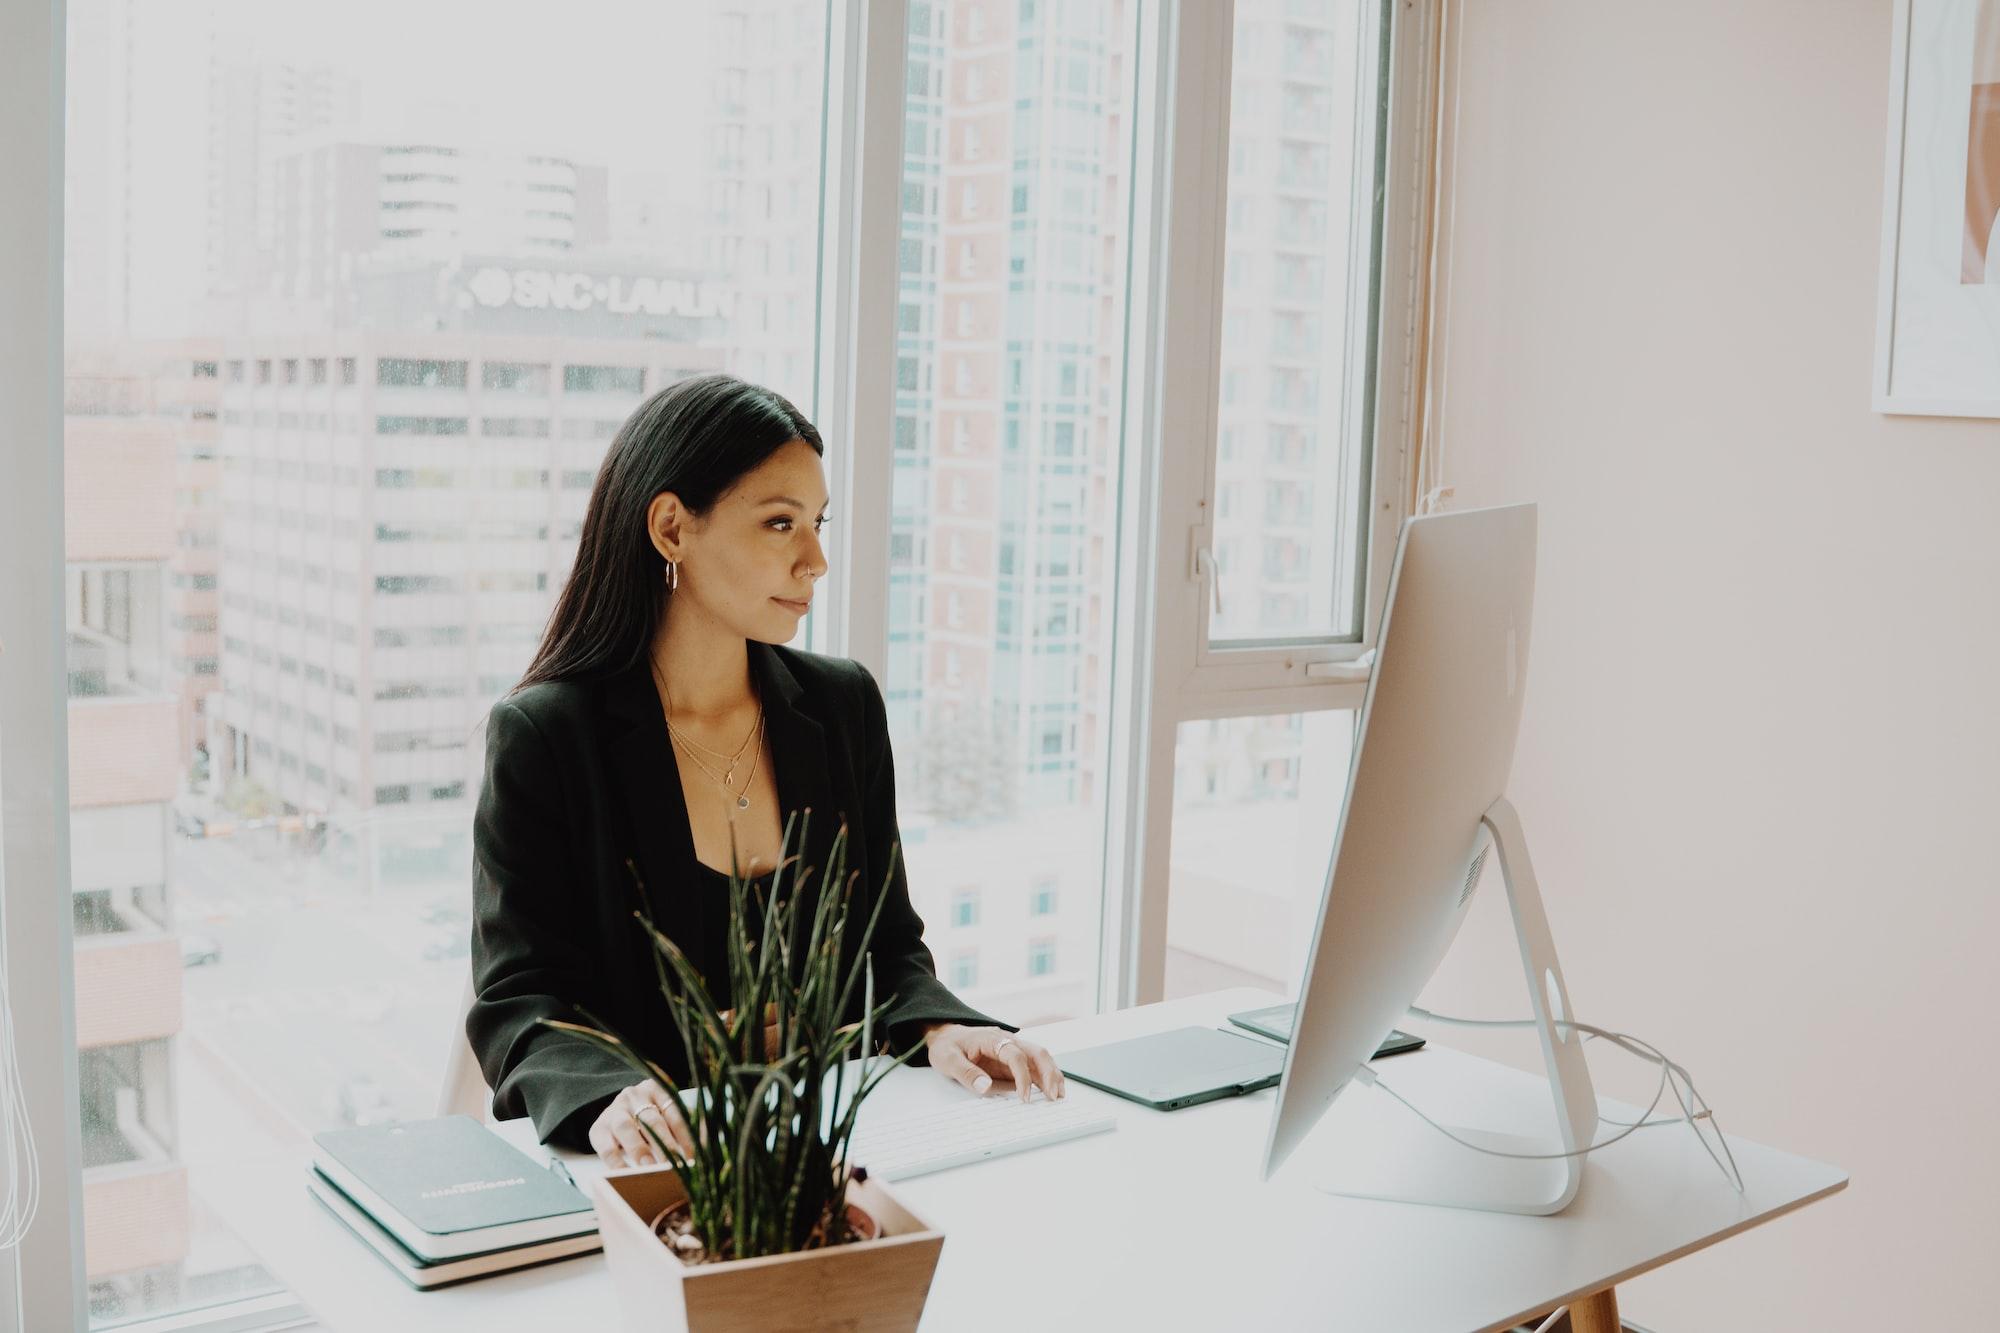 Mujeres líderes en tecnología